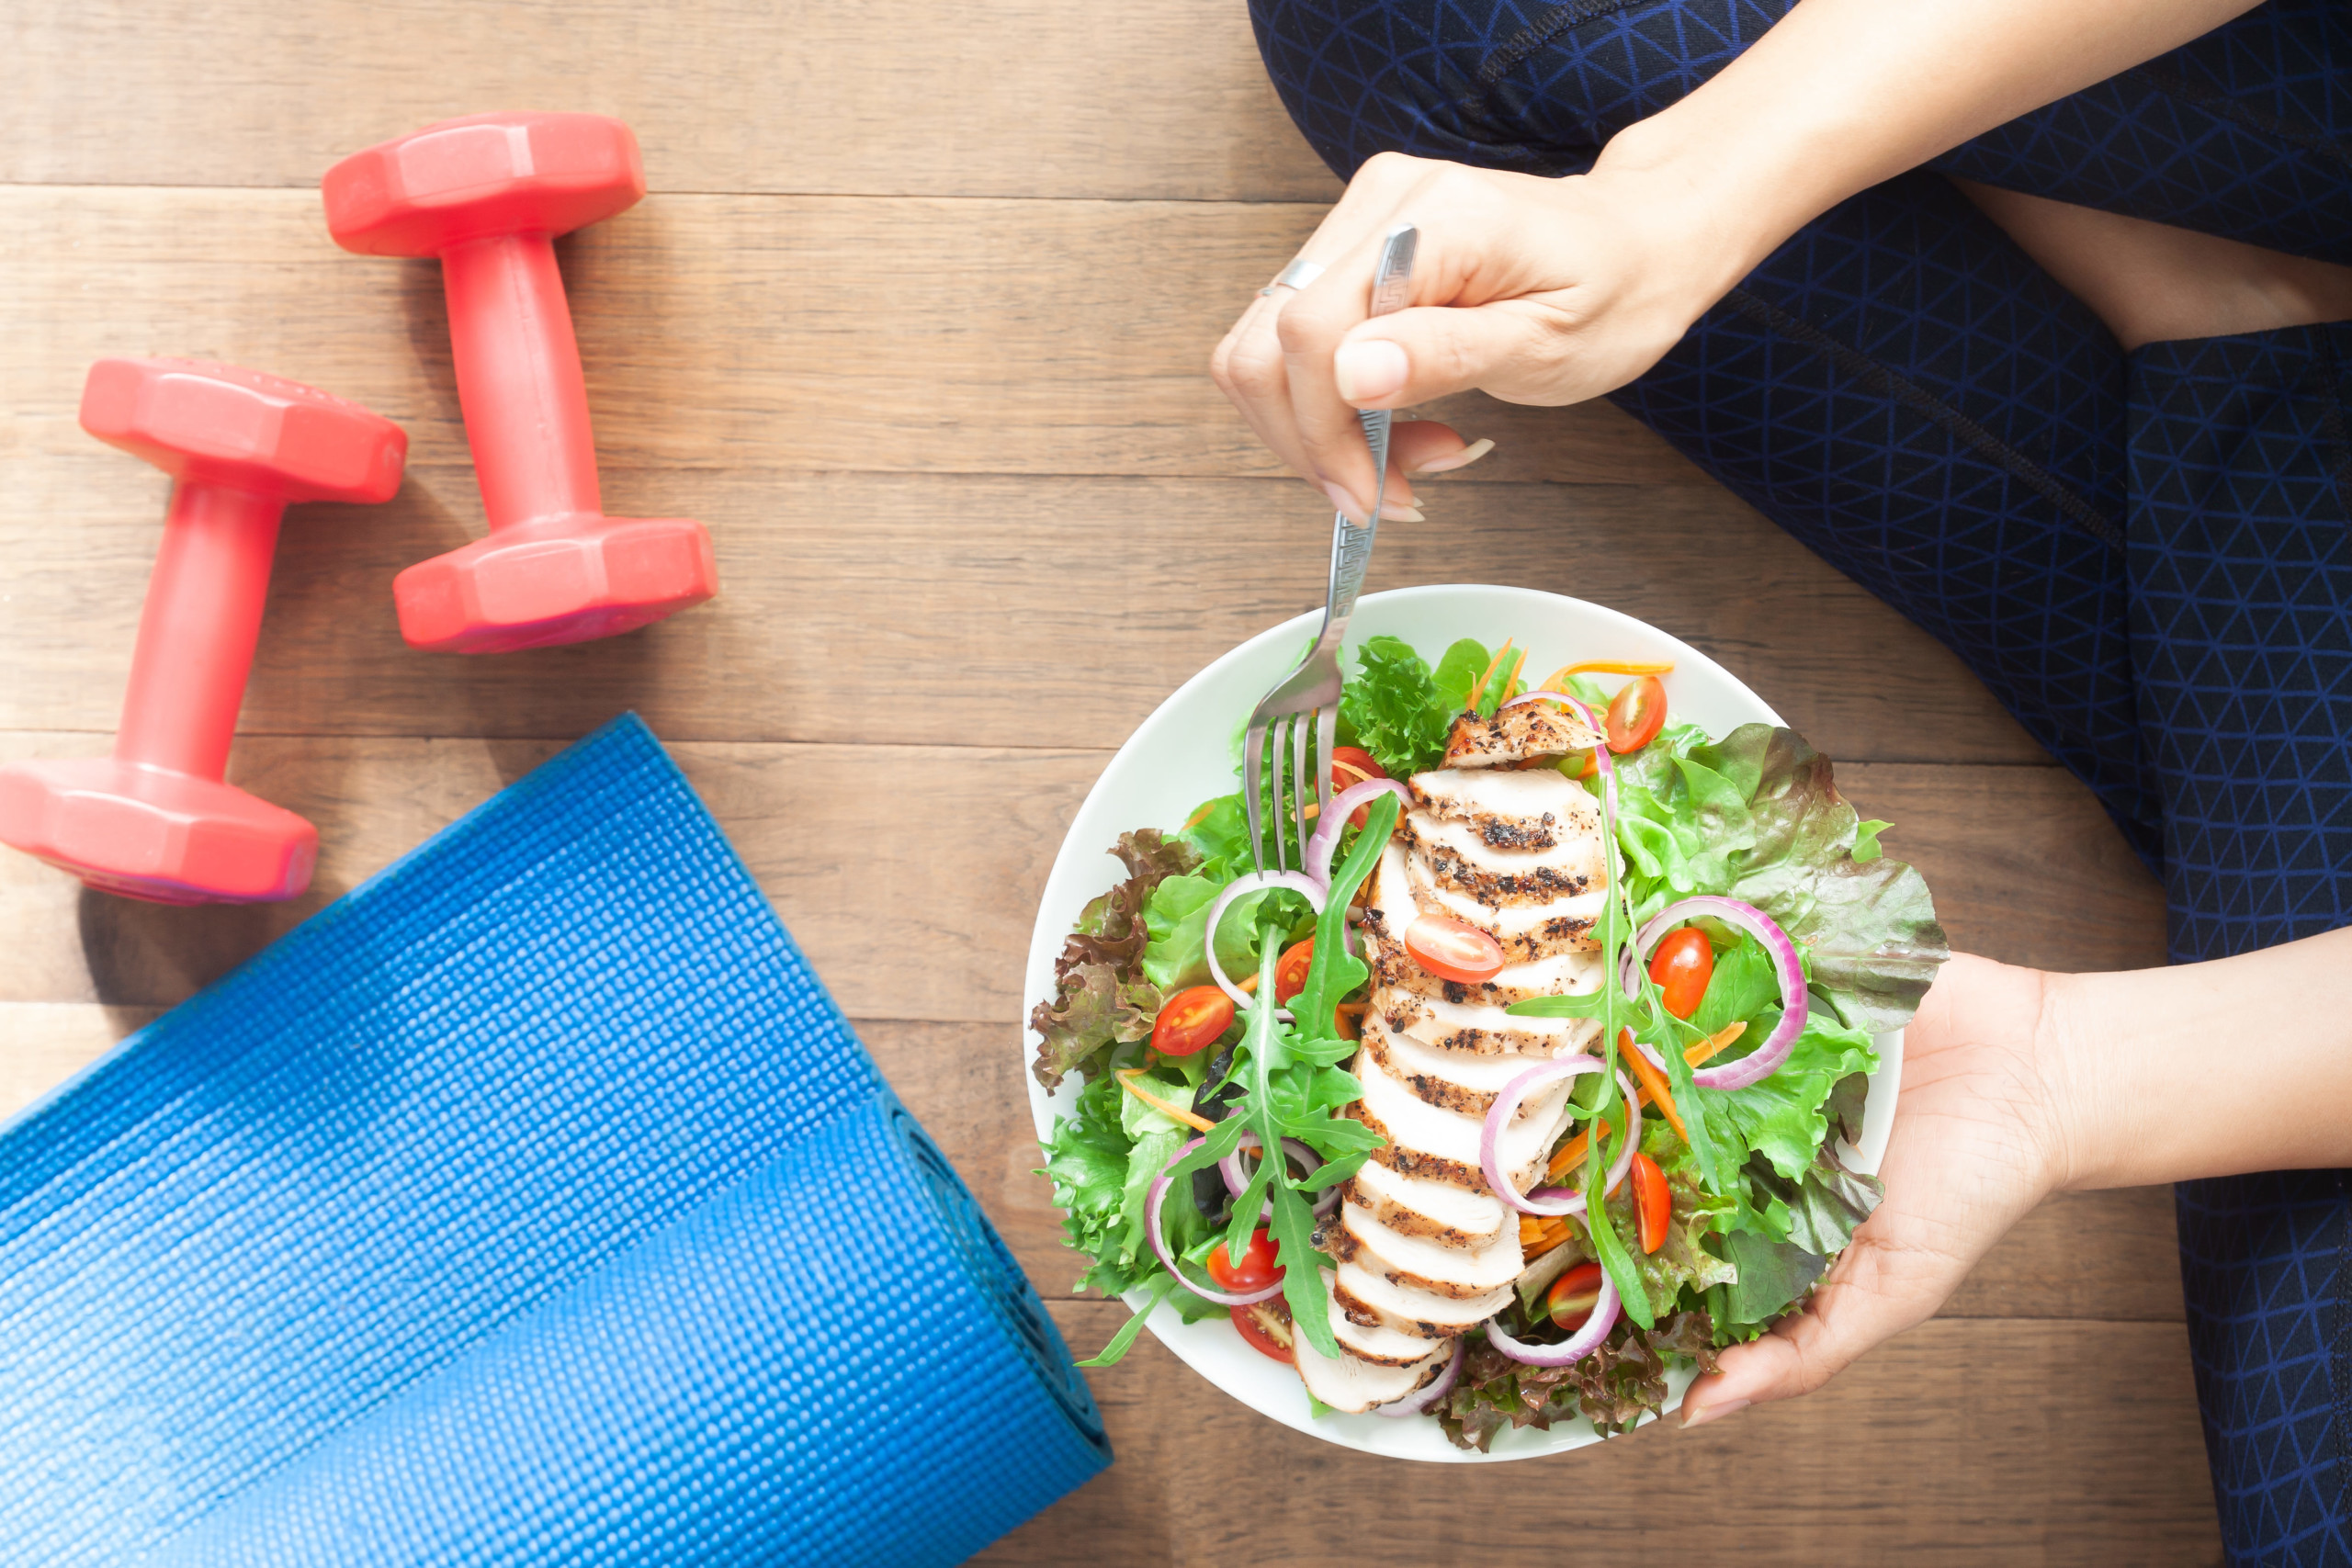 女性が健康に良い食事をしている